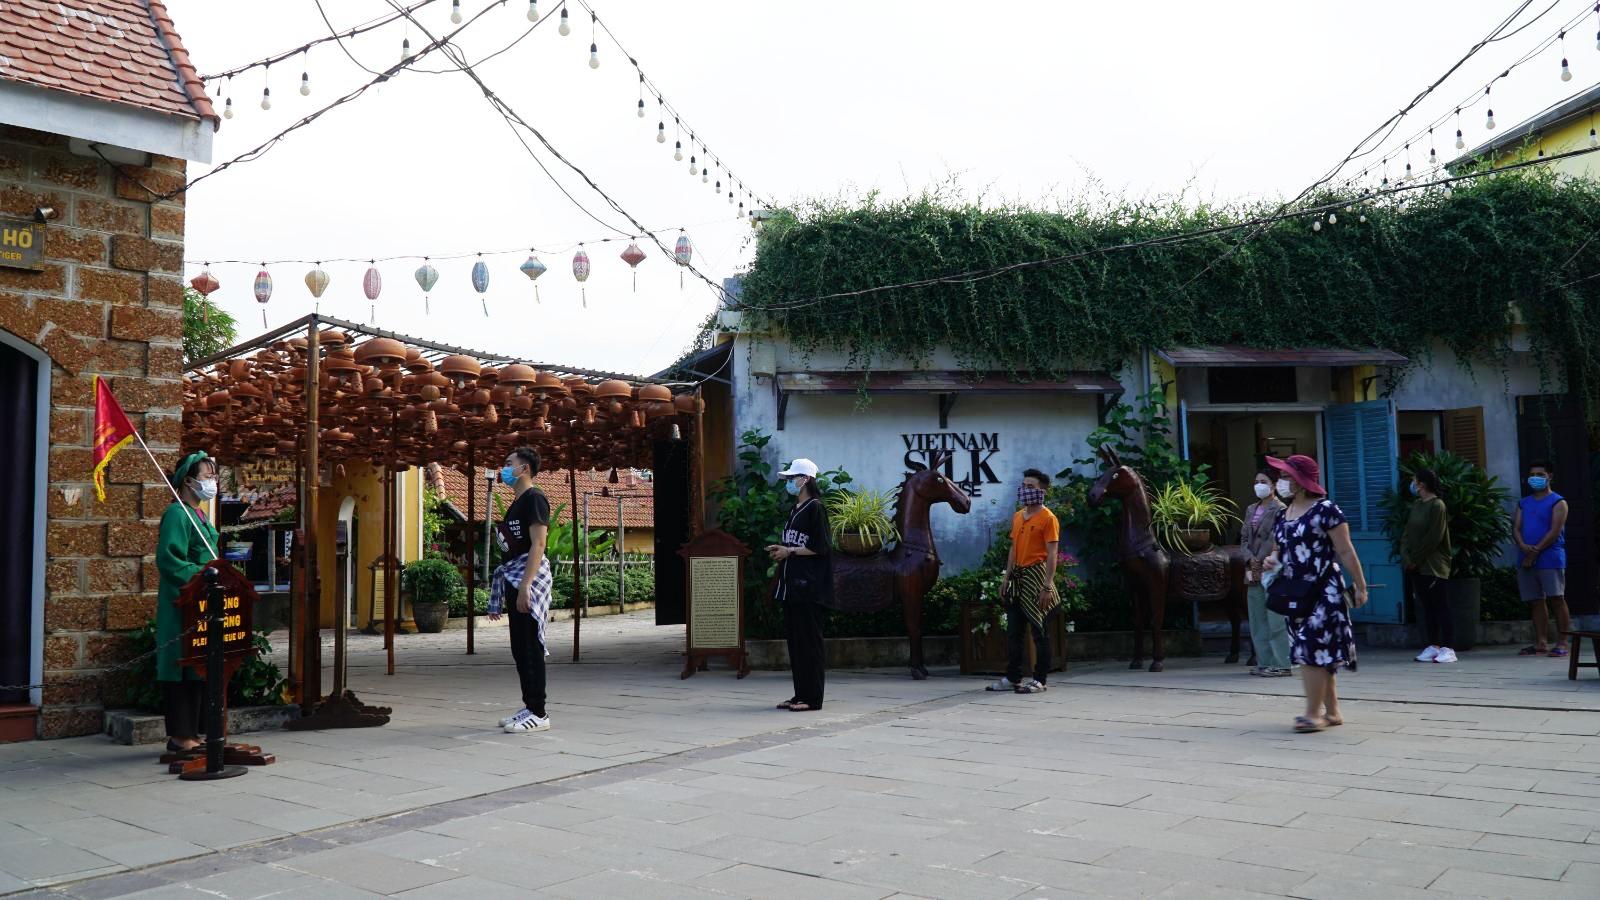 Chị Nguyễn Loan (du khách Hà Nội) cho hay: Gia đình tôi chọn du lịch Huế, Đà Nẵng và Hội An dịp lễ. Đến đây, chúng tôi cũng tuân thủ quy định phòng chống dịch như đeo khẩu trang, rửa tay sát khuẩn và cố gắng giữ khoảng cách 2 m